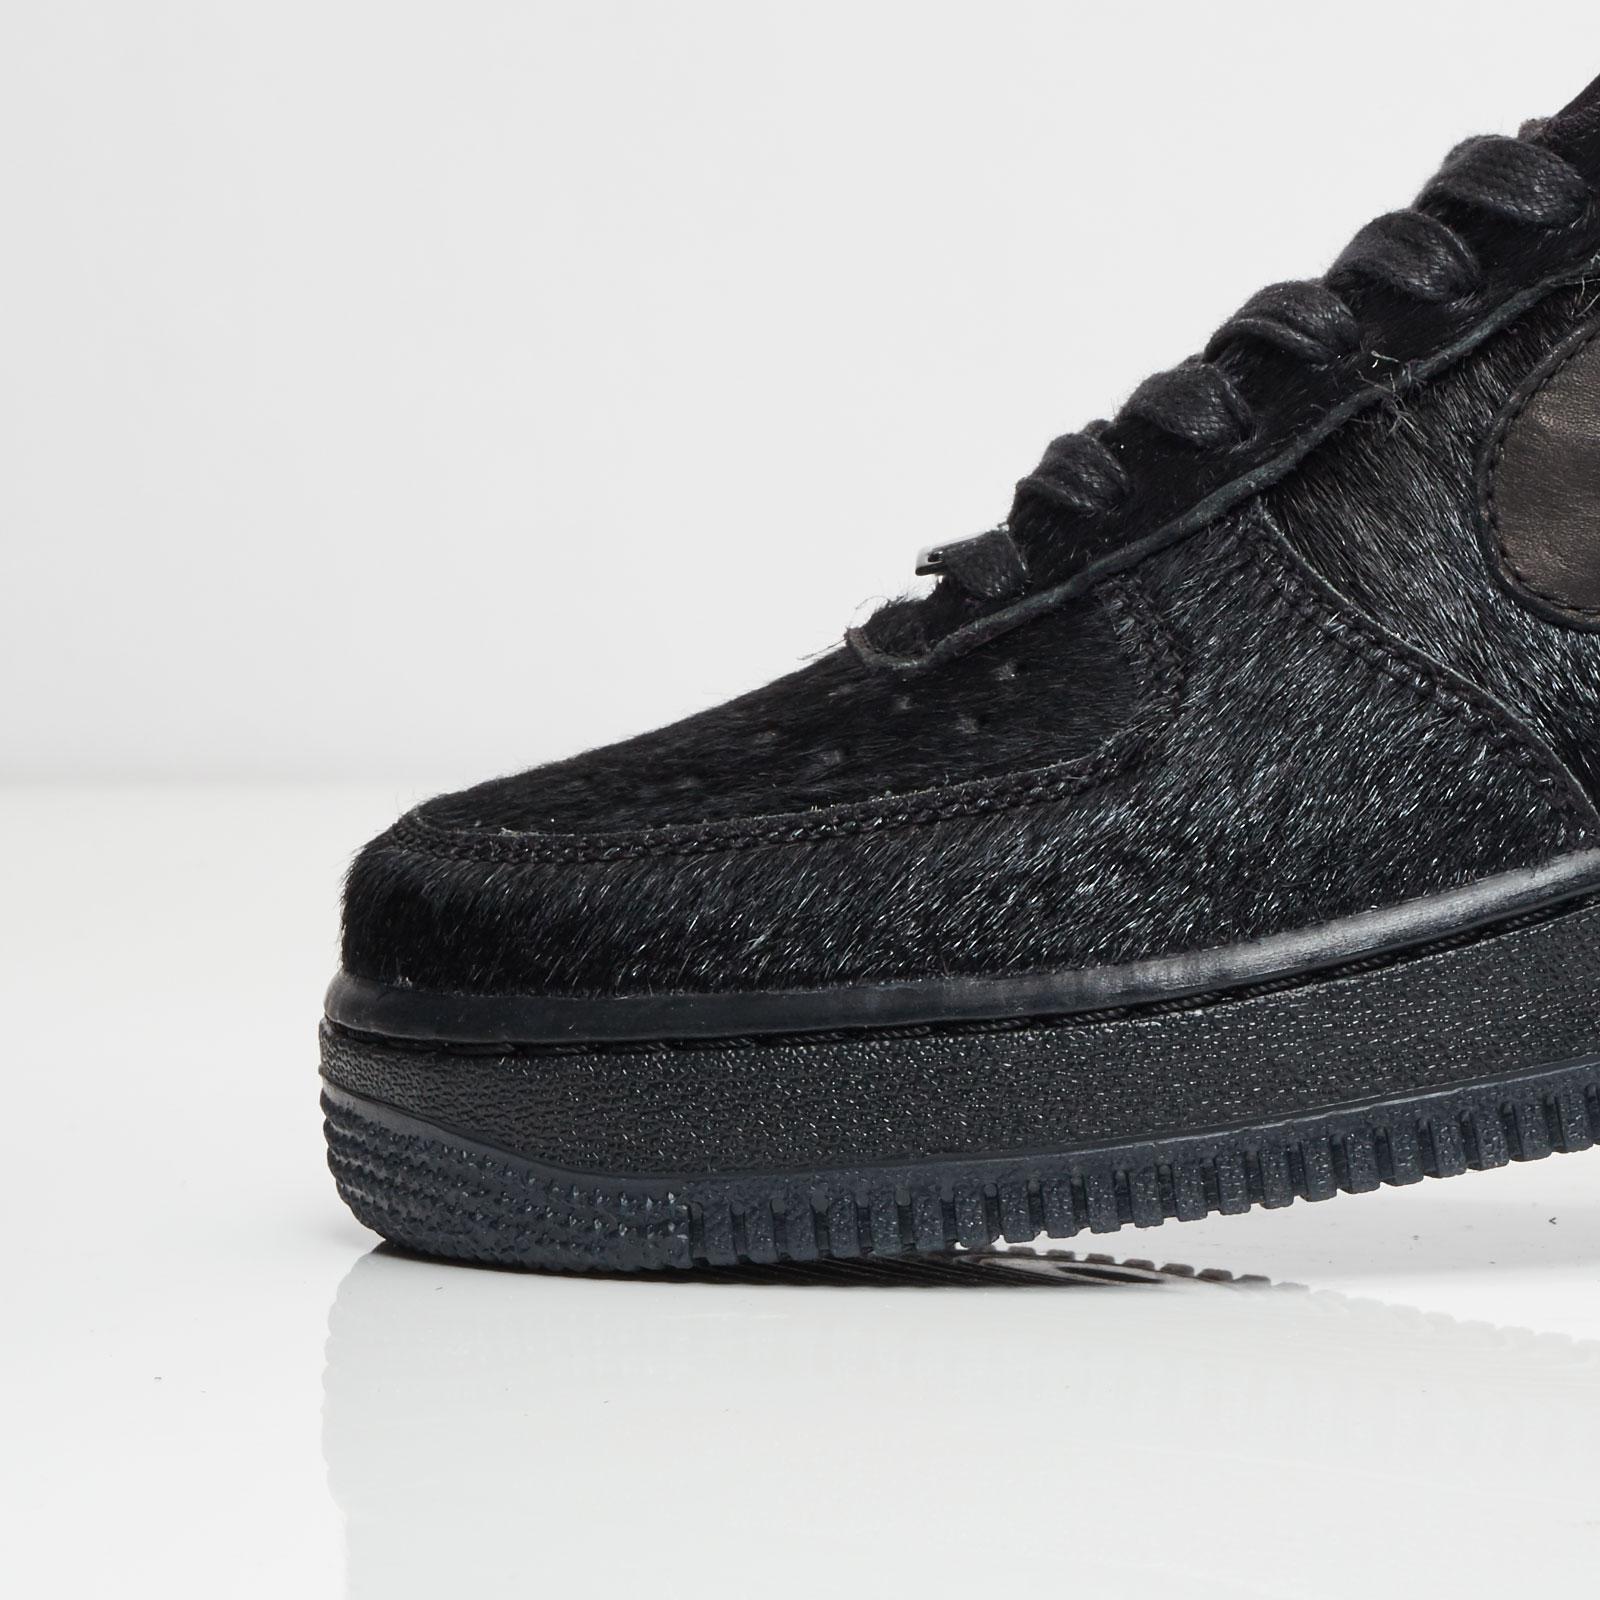 9b239b1f0616 Nike Wmns Air Force 1 07 Premium - 616725-006 - Sneakersnstuff ...